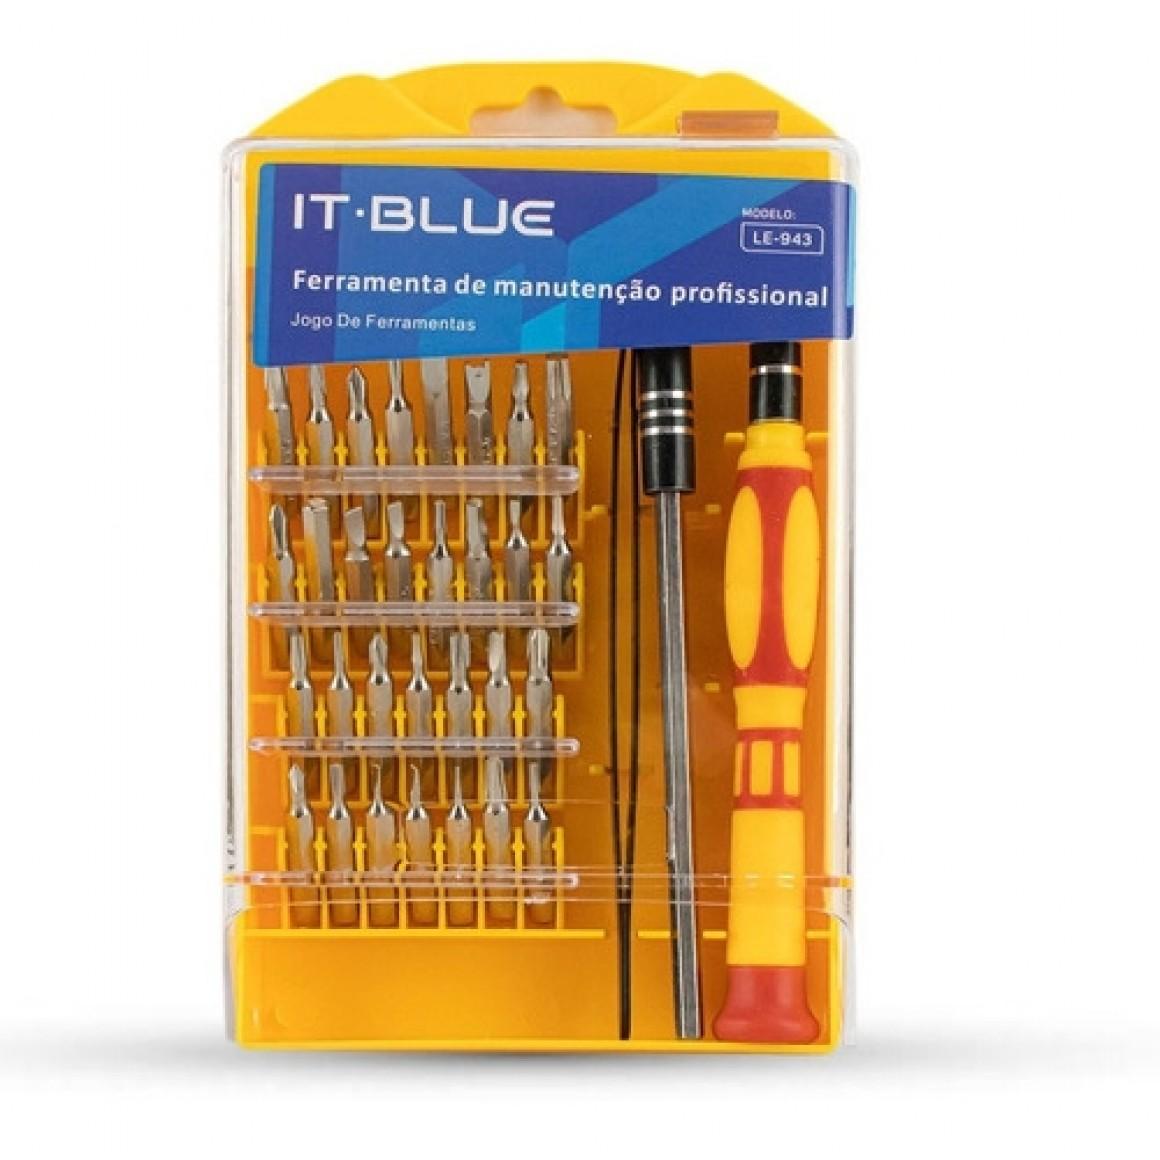 Kit Ferramenta 30 Em 1 It.Blue Le-943